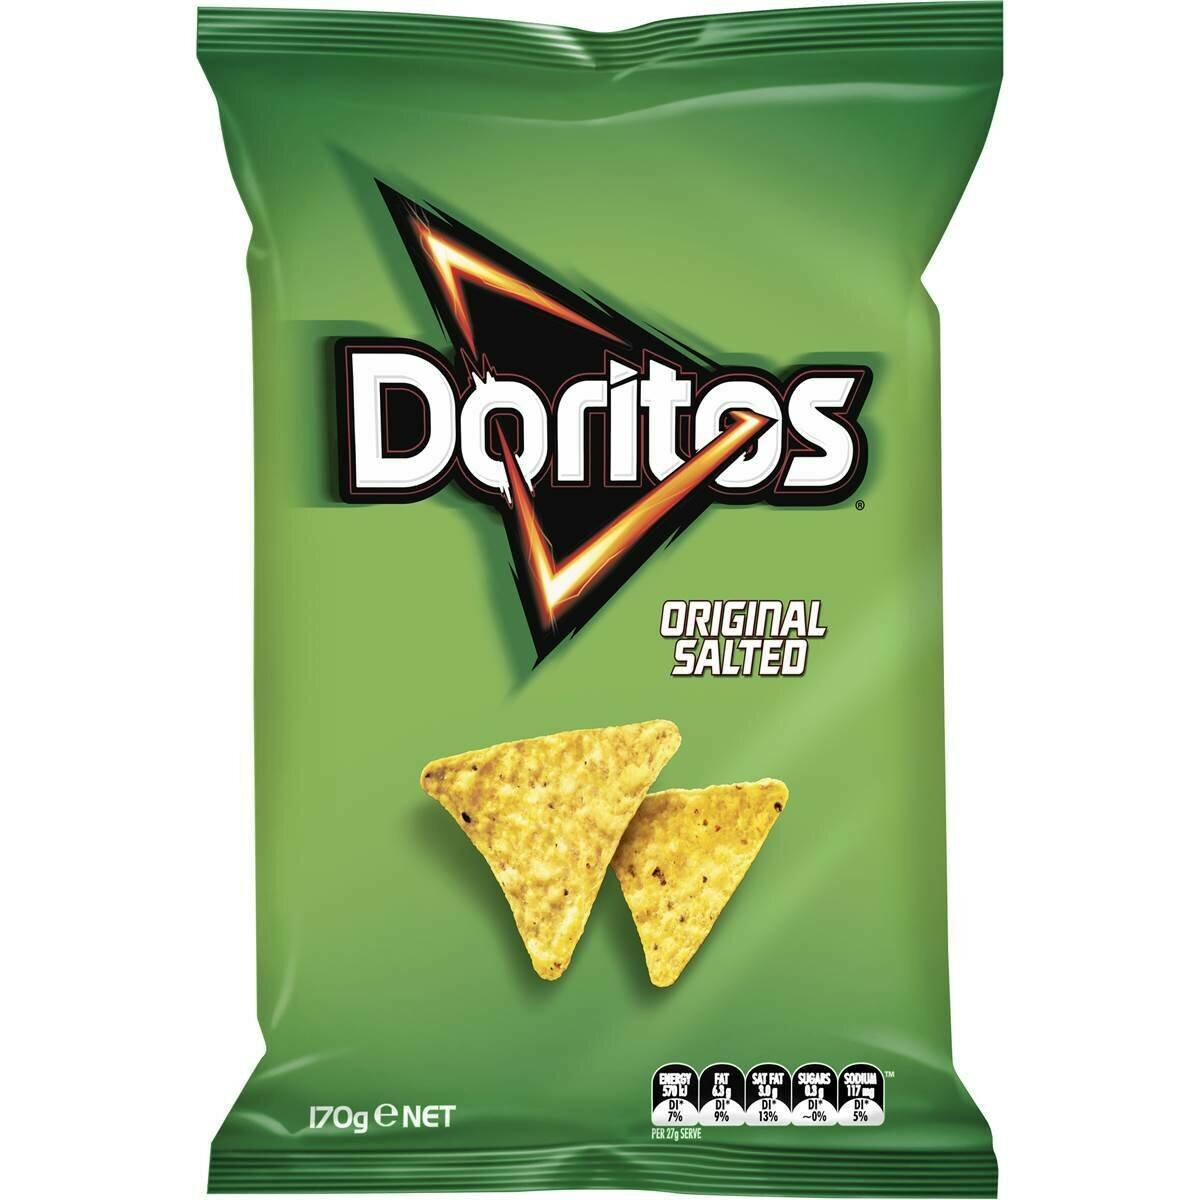 Doritos Original 175g